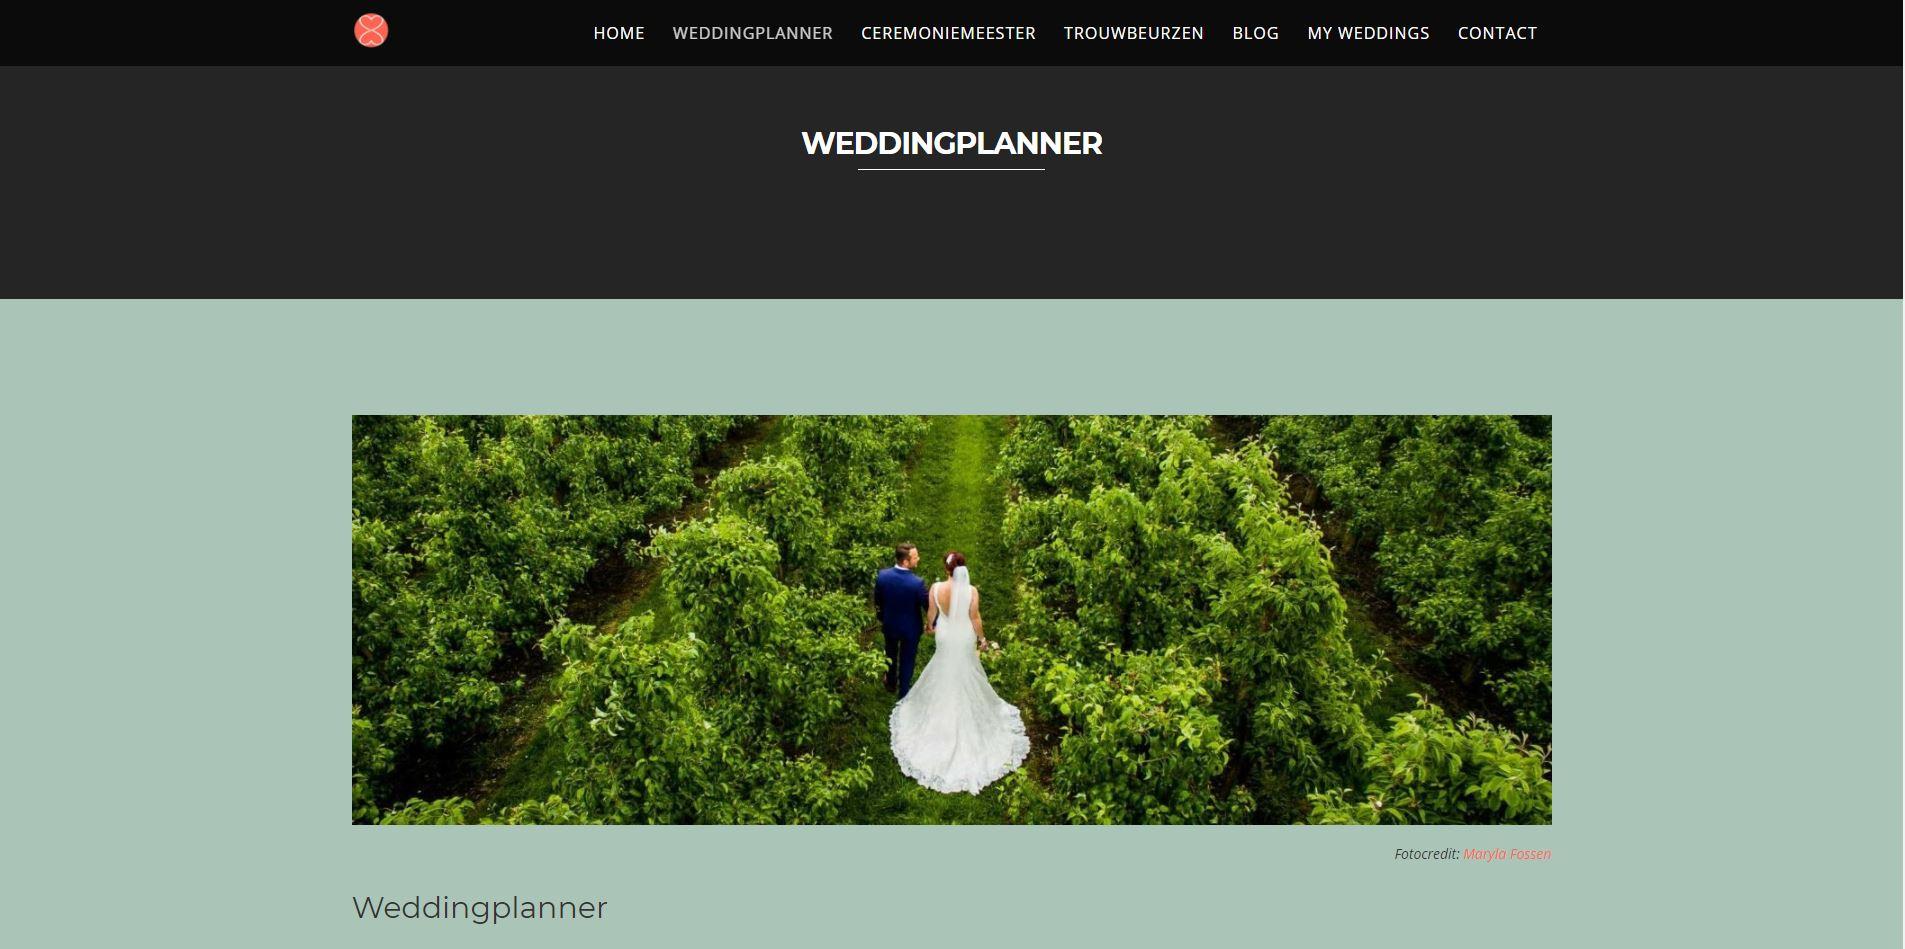 Conversie optimalisatie voor My Weddings